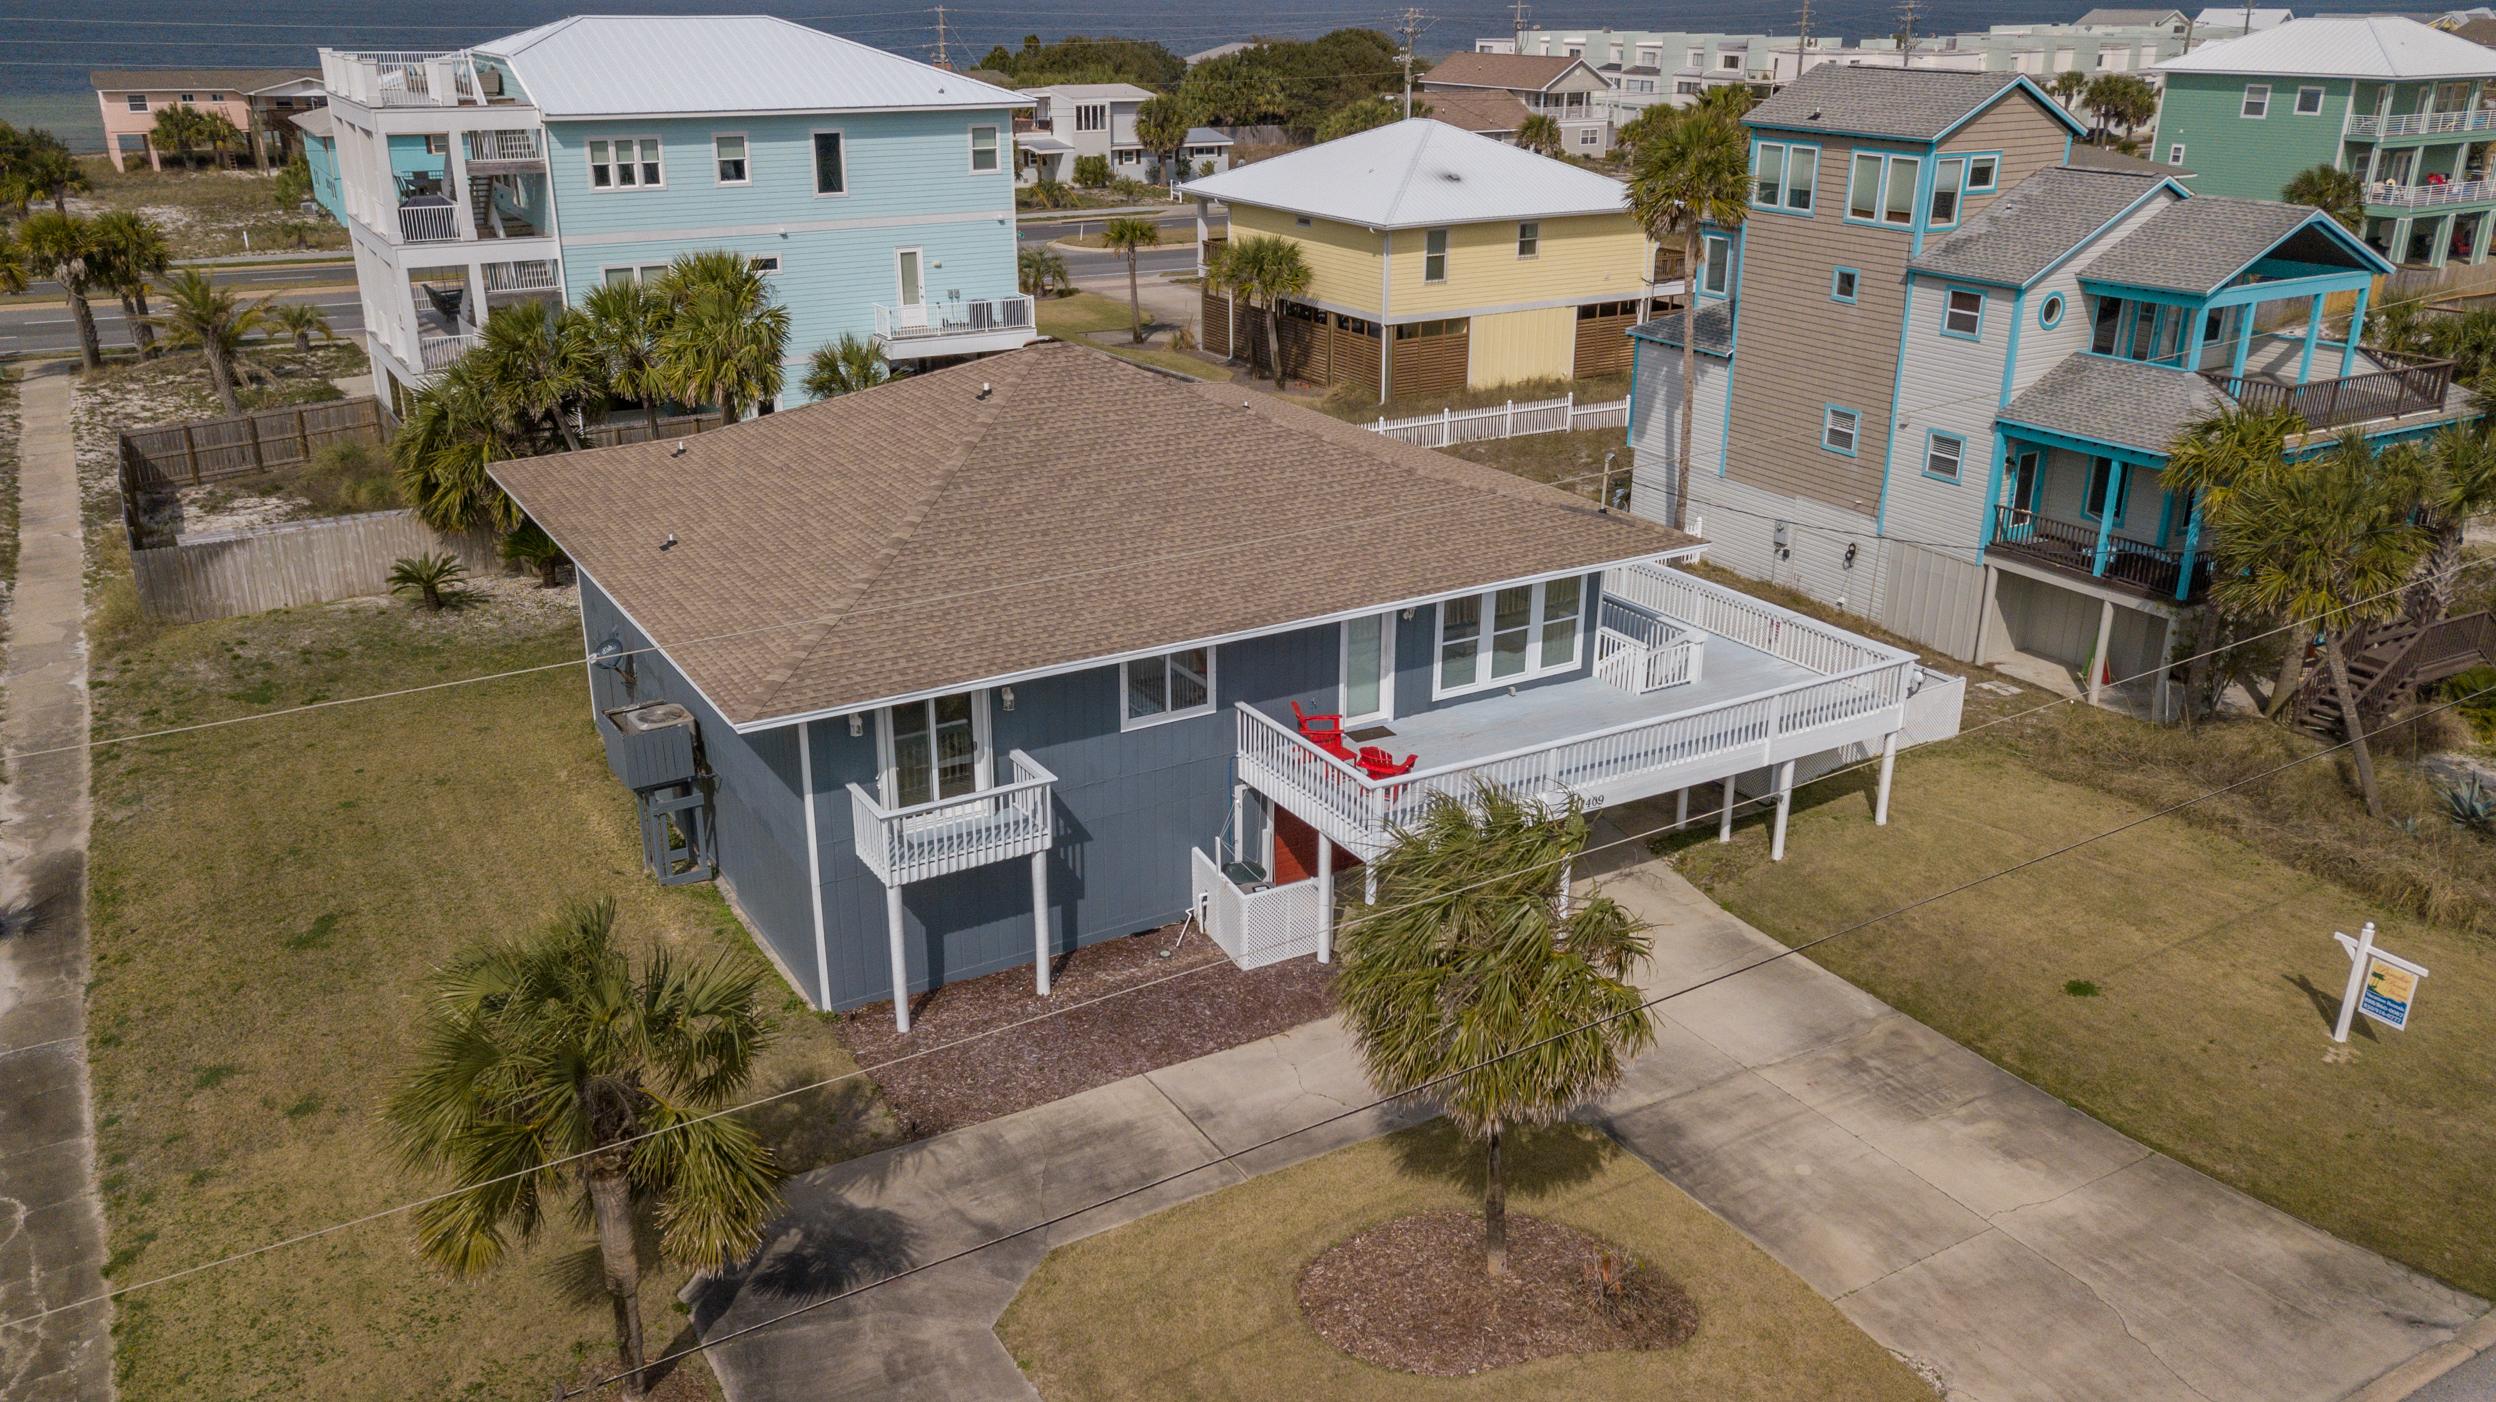 Maldonado 1409 - The Hip * Nautic House/Cottage rental in Pensacola Beach House Rentals in Pensacola Beach Florida - #7